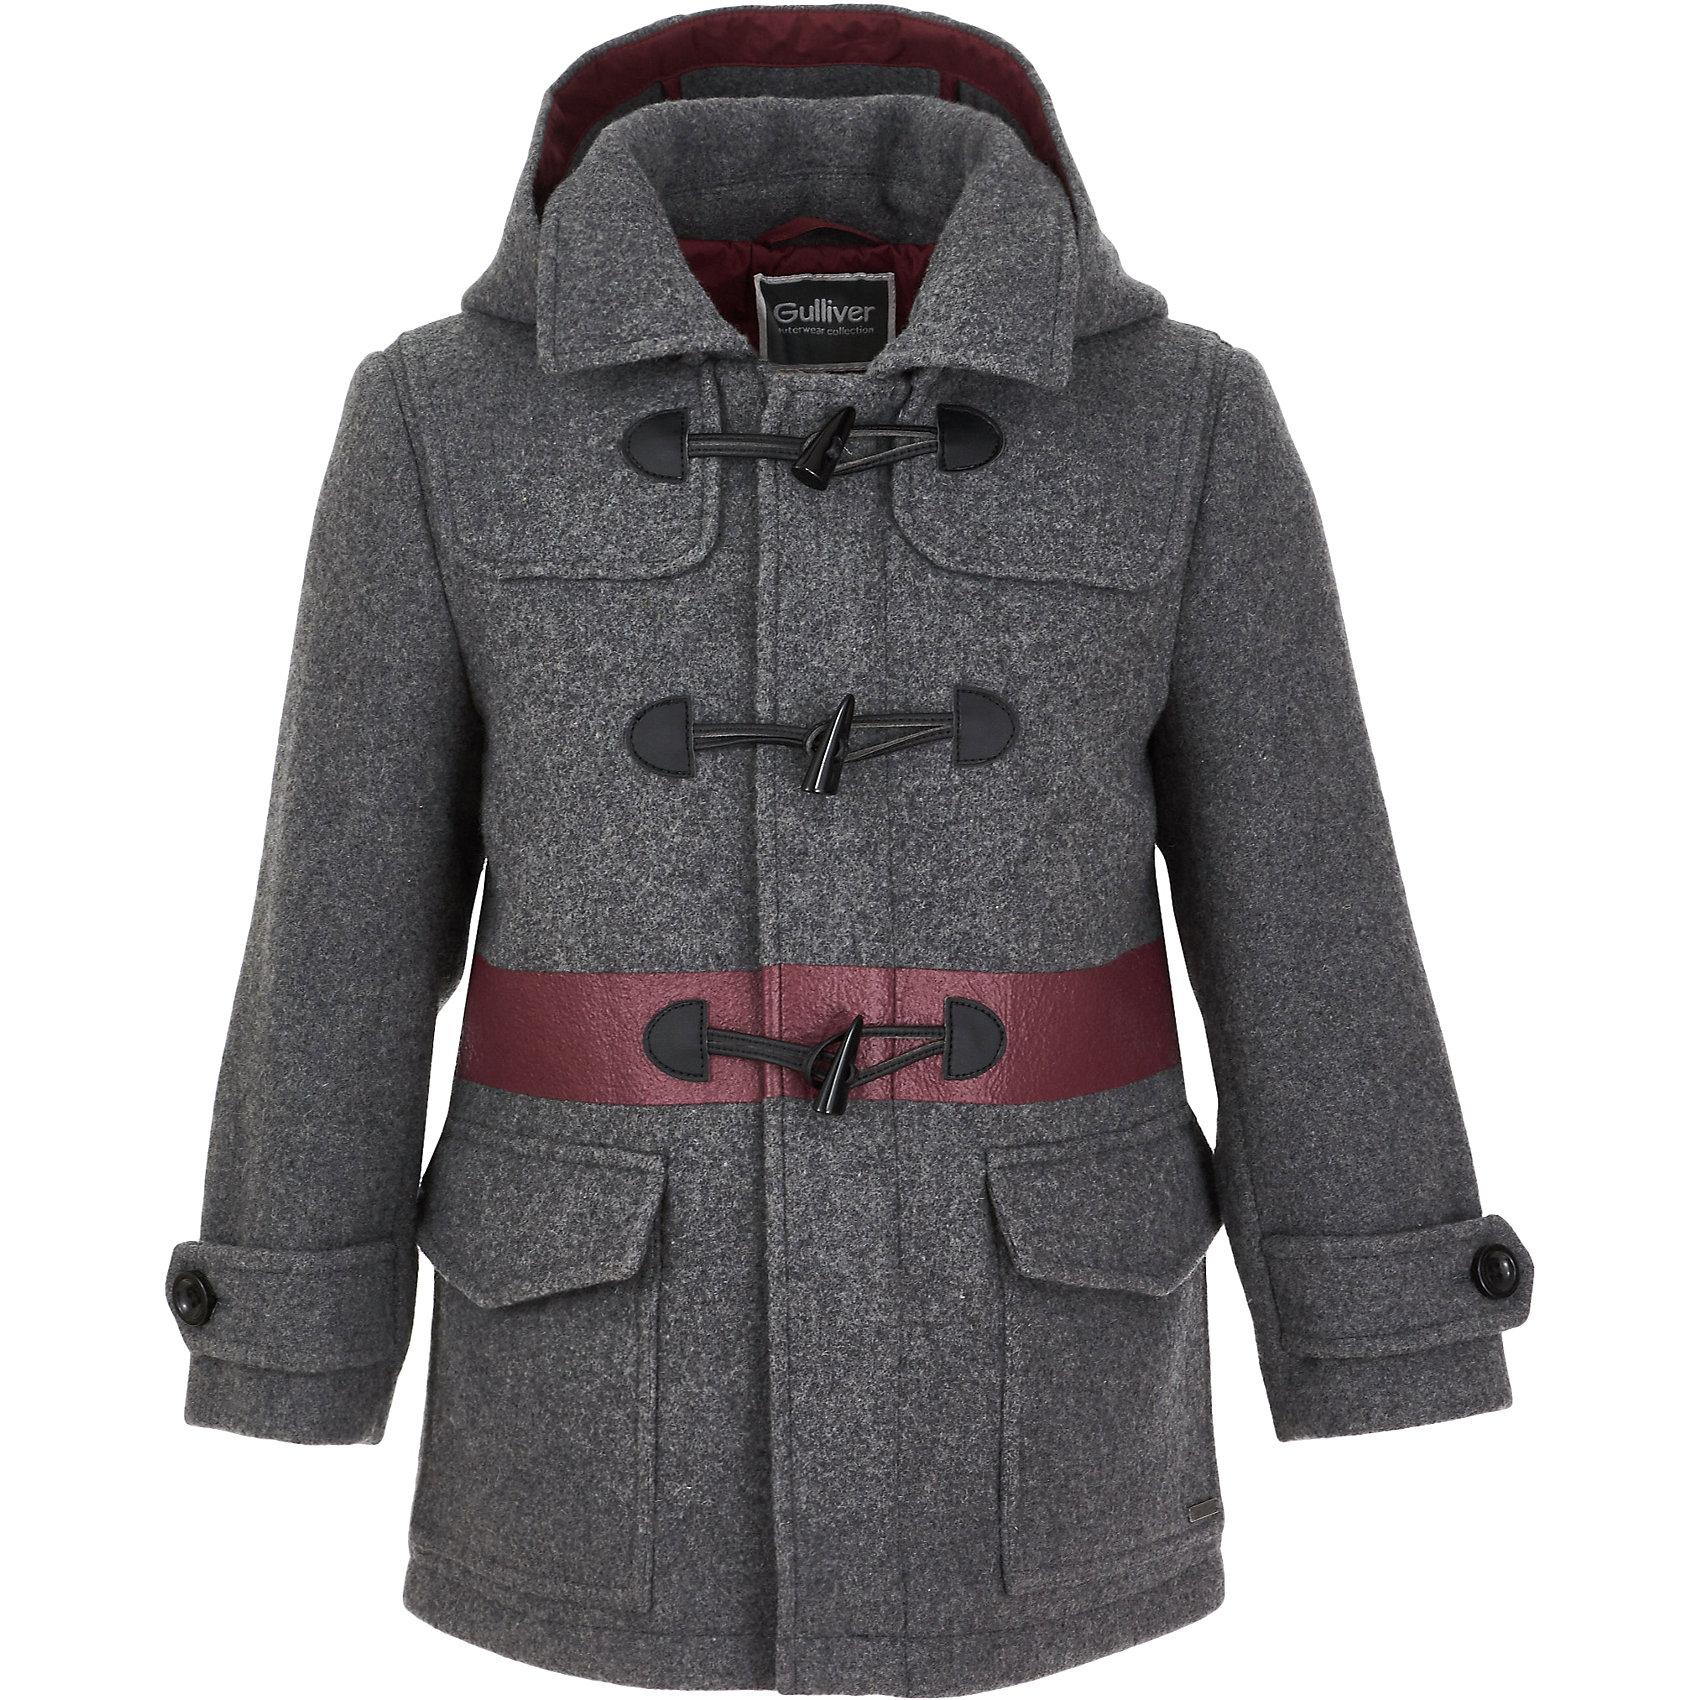 Пальто Gulliver для мальчикаВерхняя одежда<br>Пальто Gulliver для мальчика<br>Пальто - тренд сезона Осень/Зима 2017/2018. И что бы не говорили любители практичных и функциональных вещей, ни одна куртка не заменит пальто, ведь пальто - олицетворение элегантности и шика! Для любителей спортивного стиля, пальто не является предметом первой необходимости, но для настоящих джентльменов, пальто - основной акцент осеннего гардероба. В оформлении модели использованы модные пуговицы с навесными петлями, а также эффектная цветная полоса, выполненная в технике принта. Эти детали делают детское пальто необычным, новым, интересным. Купить серое пальто для мальчика с оригинальной отделкой, значит, сделать его повседневный гардероб стильным и комфортным.<br>Состав:<br>верх: 50% шерсть 50% полиэстер; подкладка: 100% полиэстер<br><br>Ширина мм: 356<br>Глубина мм: 10<br>Высота мм: 245<br>Вес г: 519<br>Цвет: серый<br>Возраст от месяцев: 24<br>Возраст до месяцев: 36<br>Пол: Мужской<br>Возраст: Детский<br>Размер: 98,116,110,104<br>SKU: 7078618